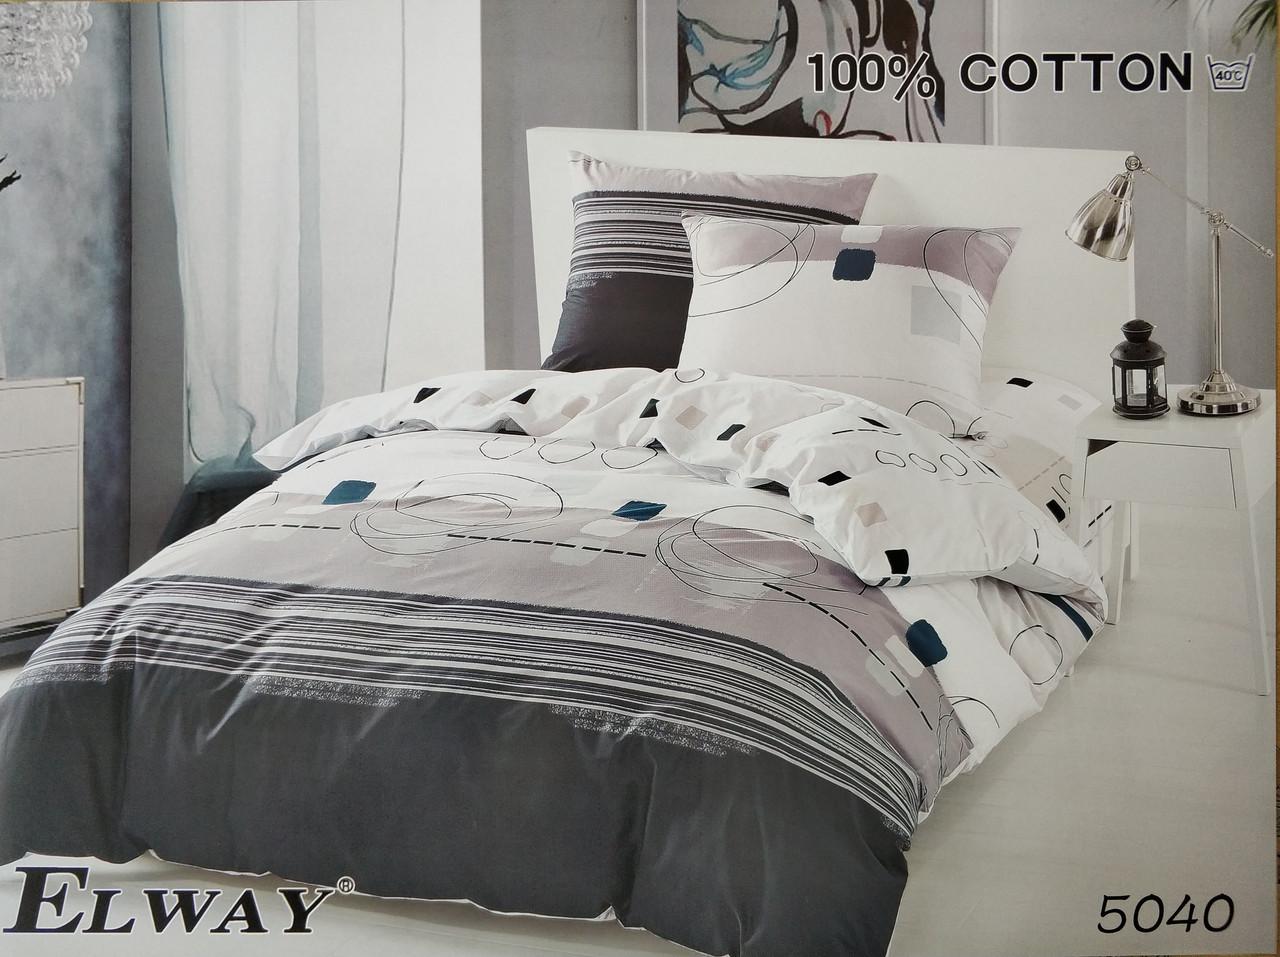 Сатиновое постельное белье полуторное ELWAY 5040 «Абстракция»